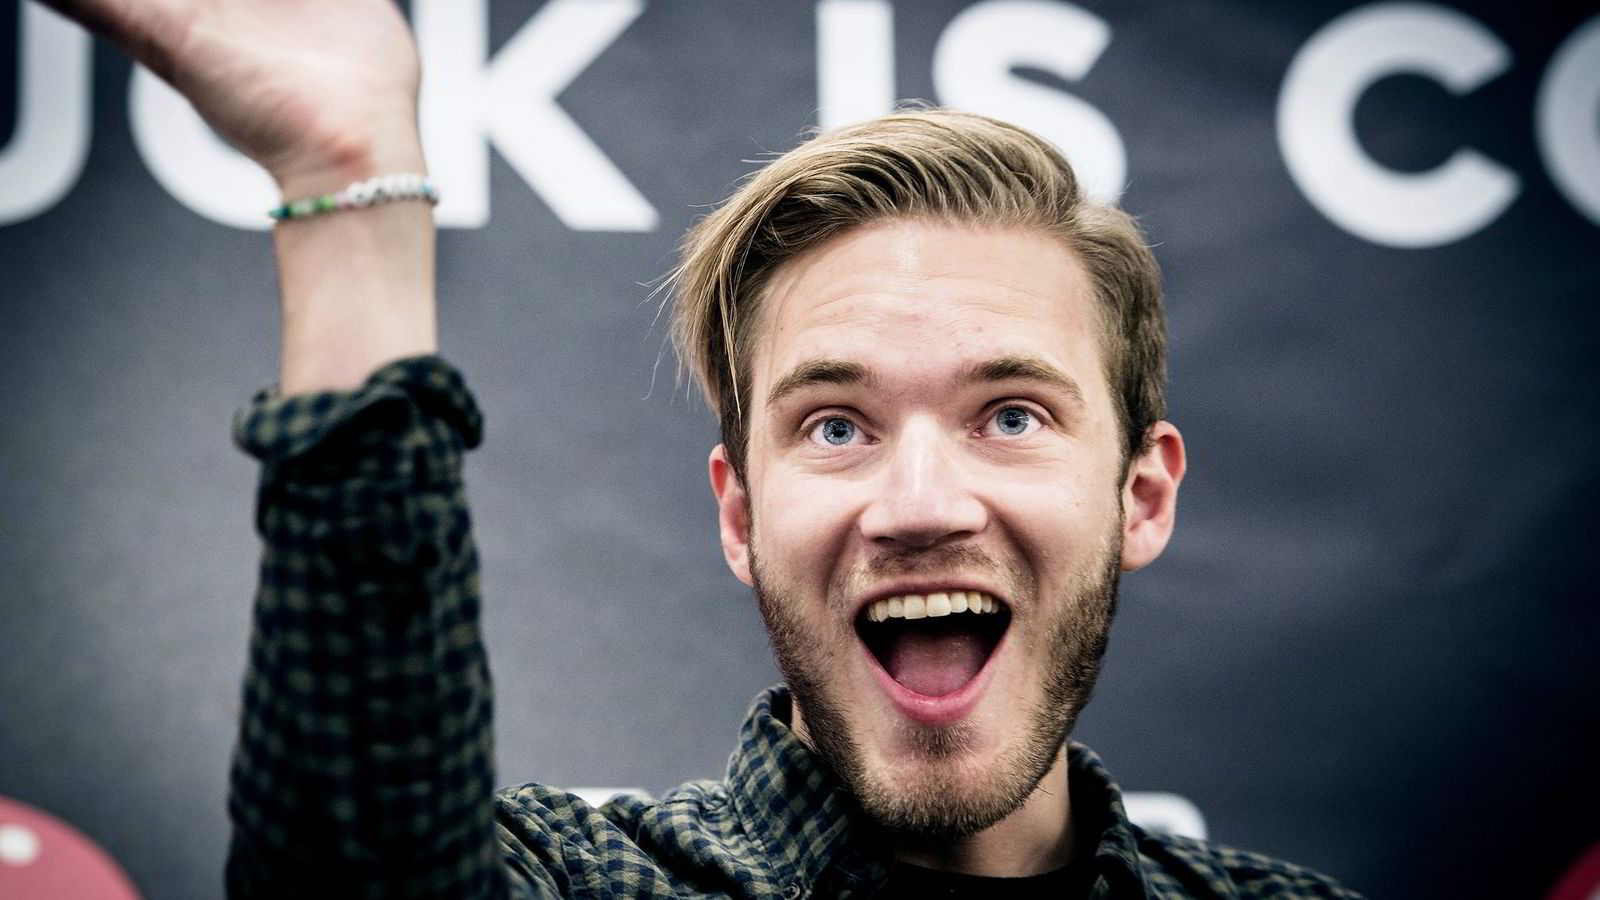 Svenske Felix «PewDiePiee» Kjellberg har over 42 millioner abonnenter på sin Youtube-kanal, og tjente over 100 millioner kroner ifjori fjor. Han er en av flere Youtube-stjerner som lager innhold for selskapets nye betalingstjeneste.